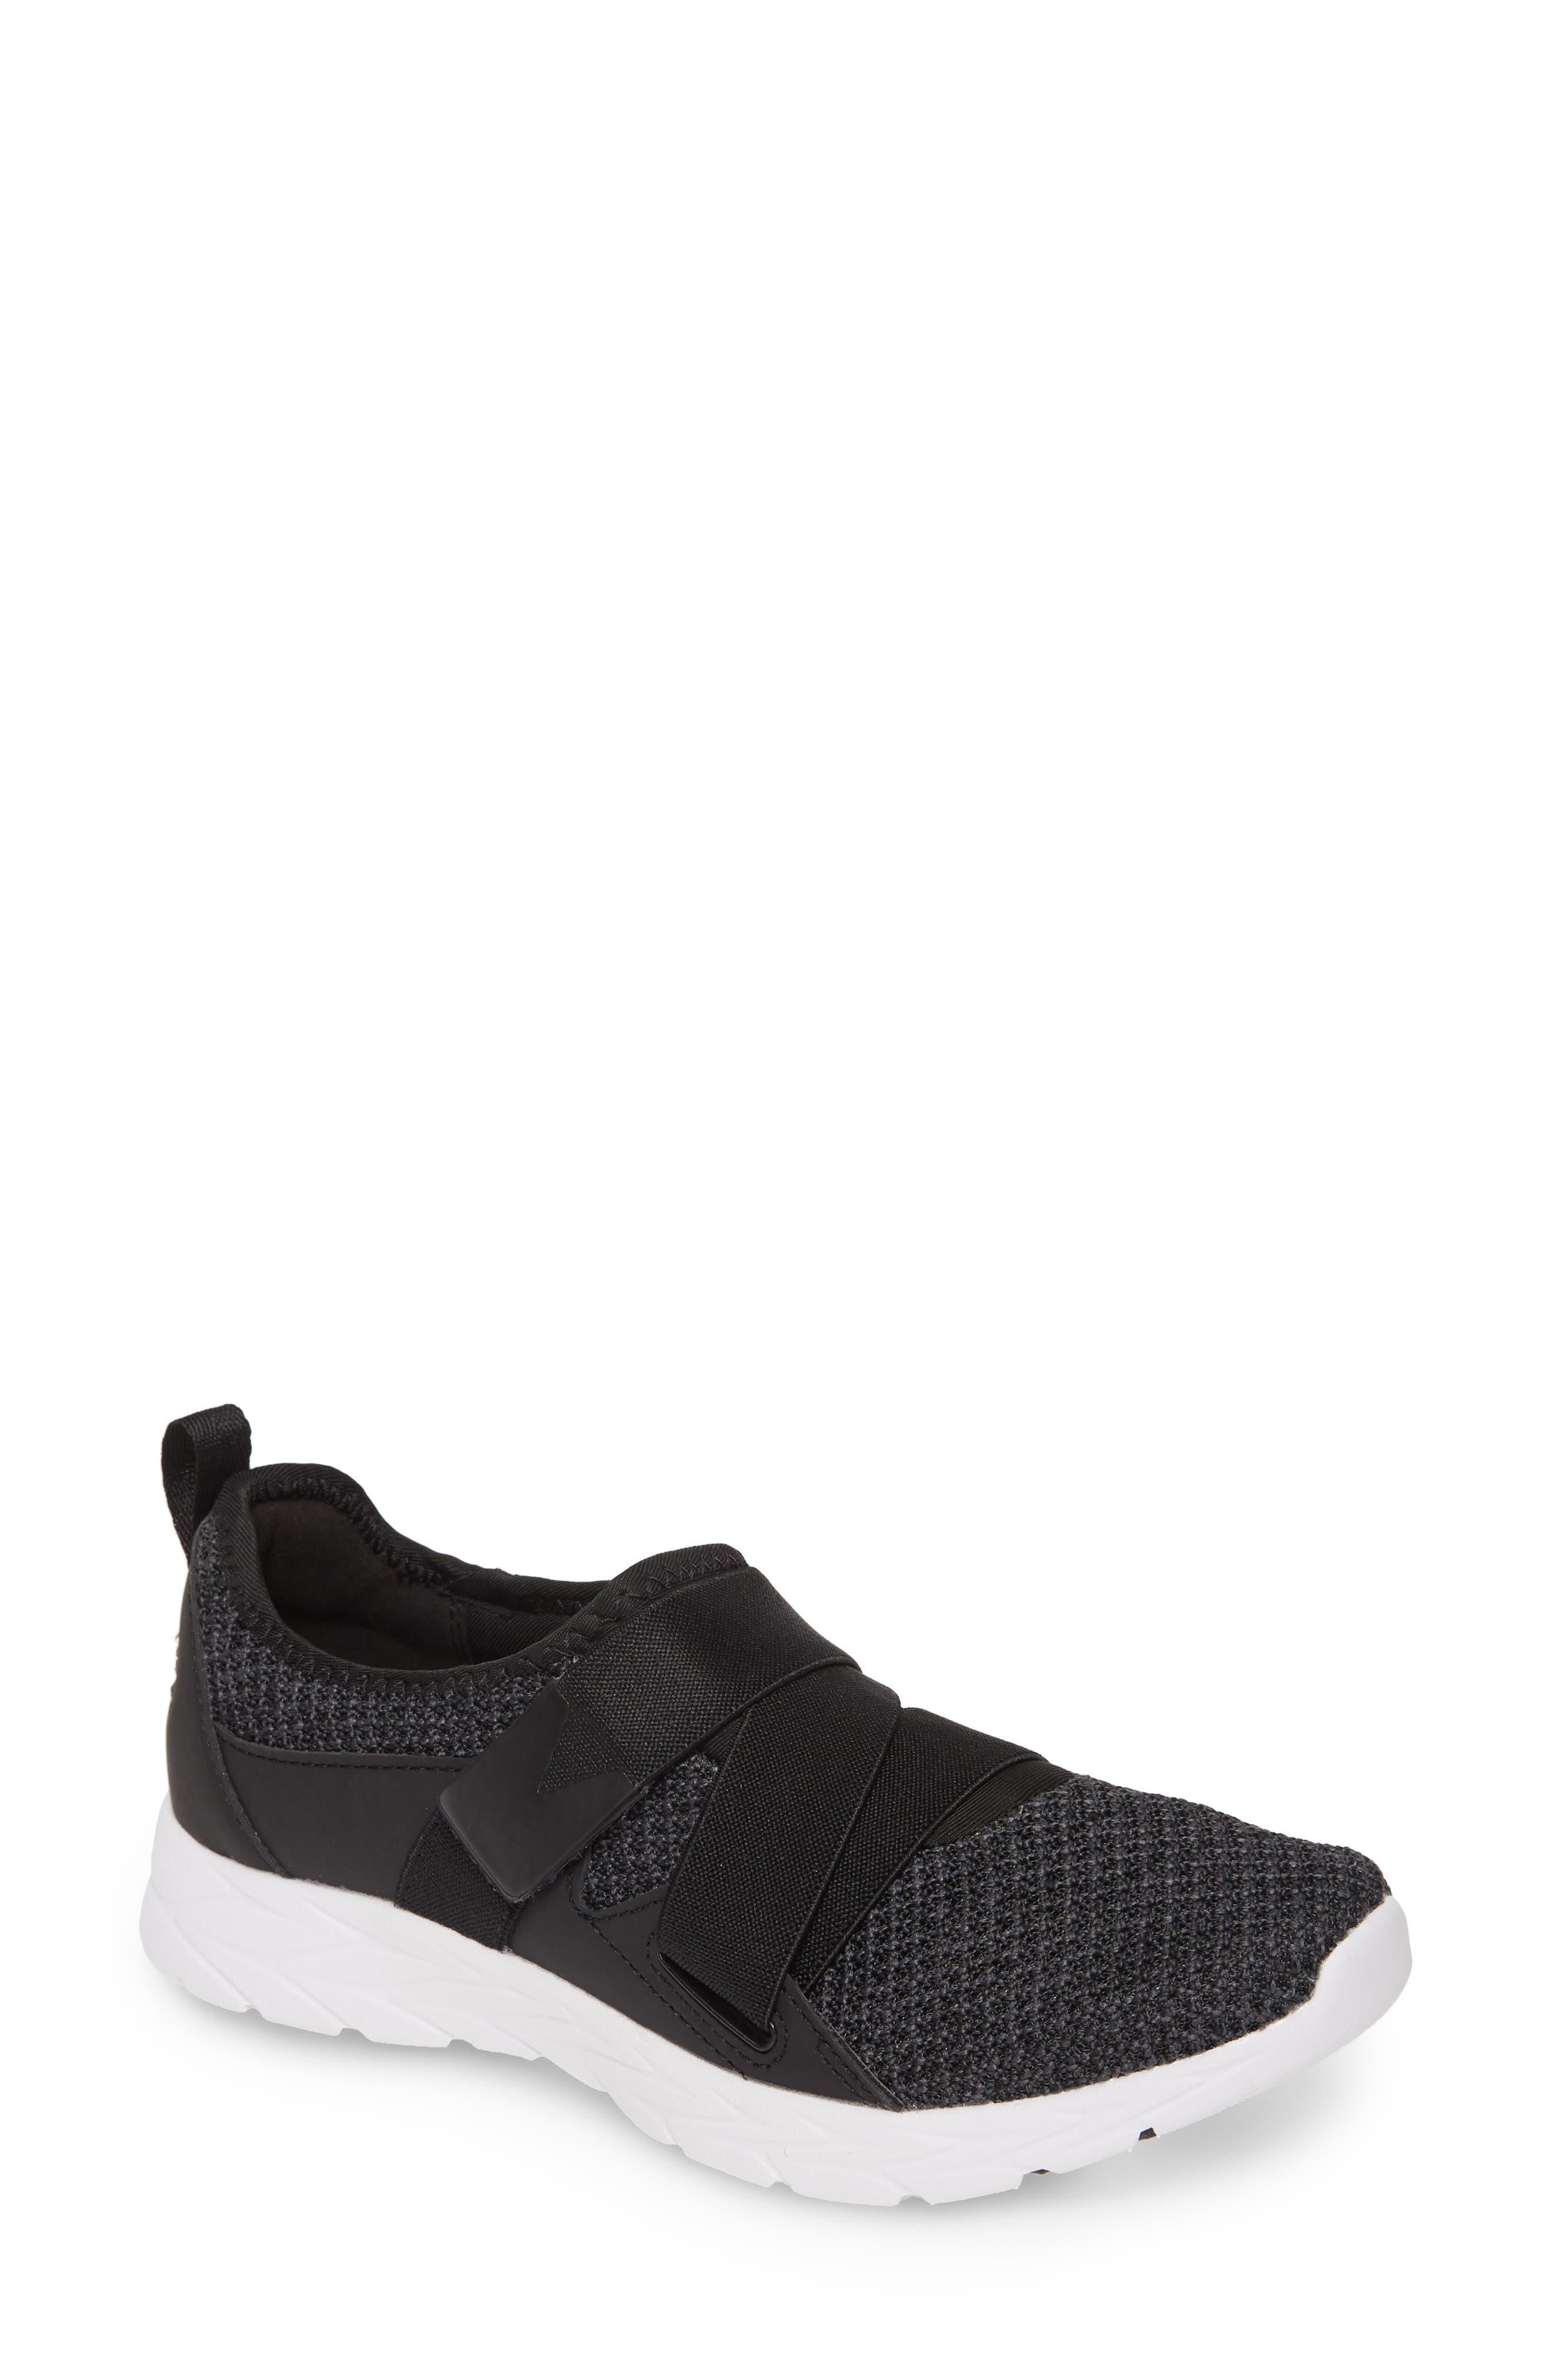 Vionic Aimmy Sneaker, Black